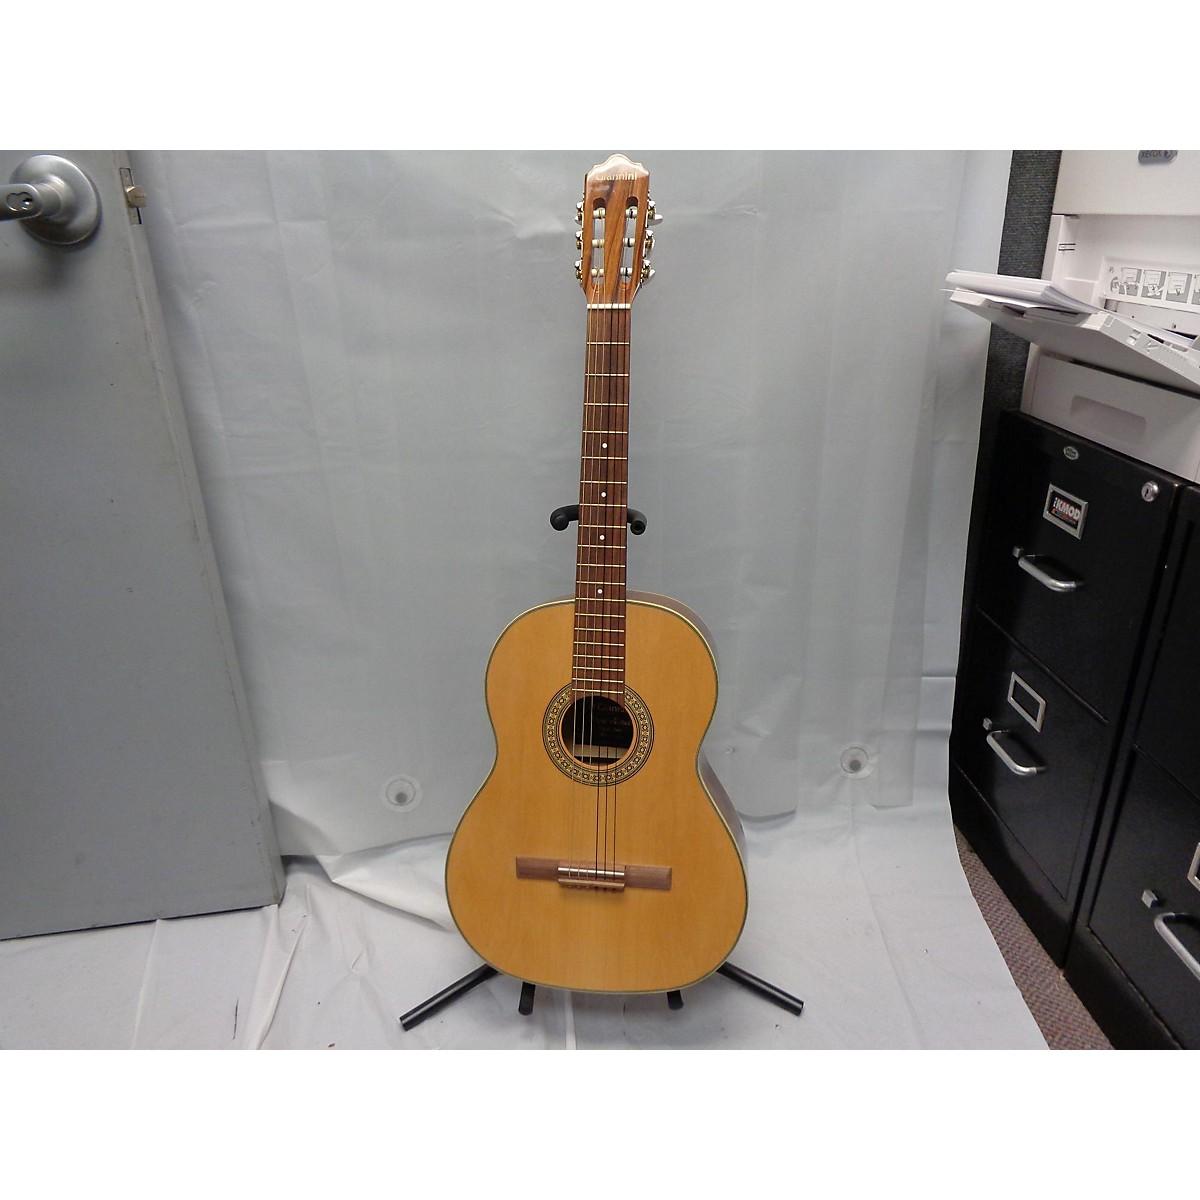 Giannini Serie Estudio Classical Acoustic Guitar